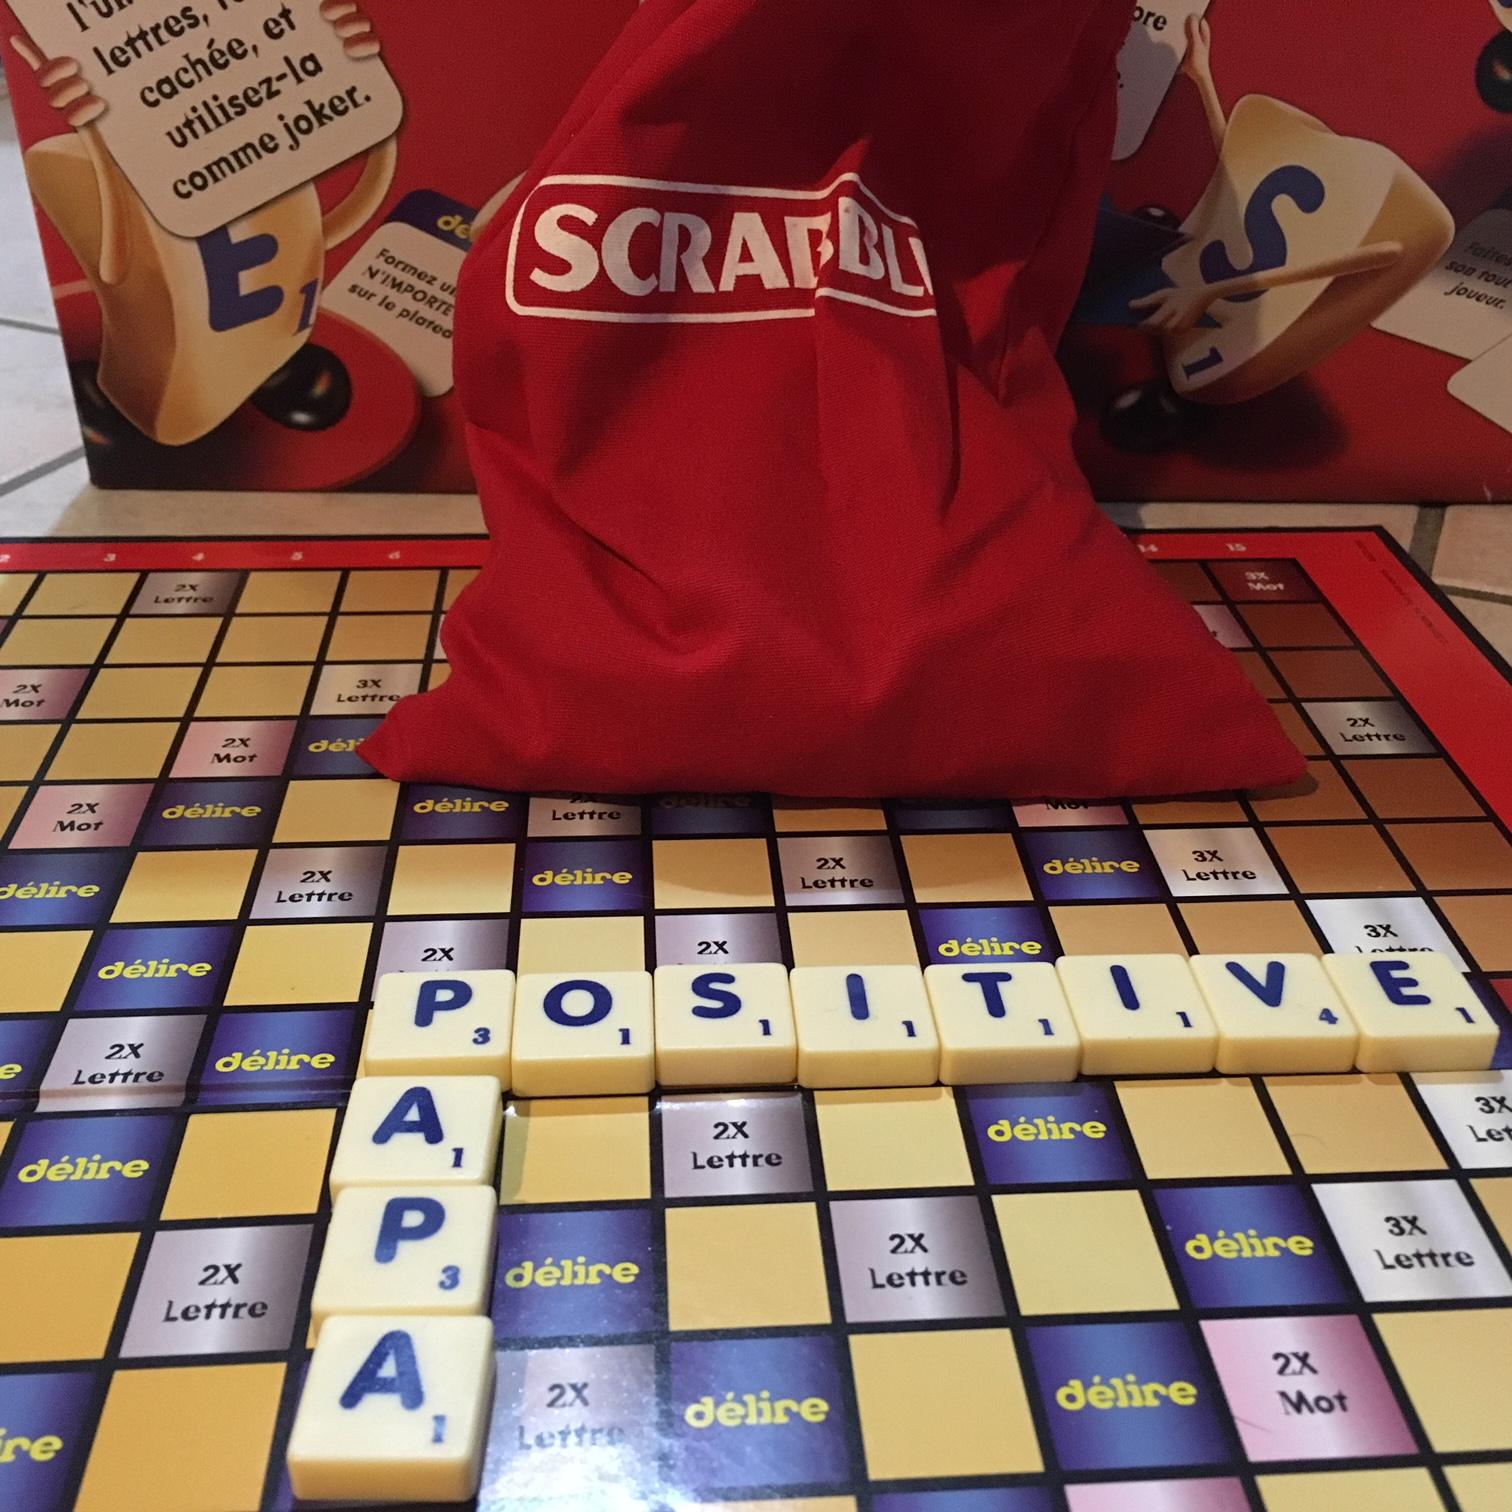 mots scrabble 3 lettres